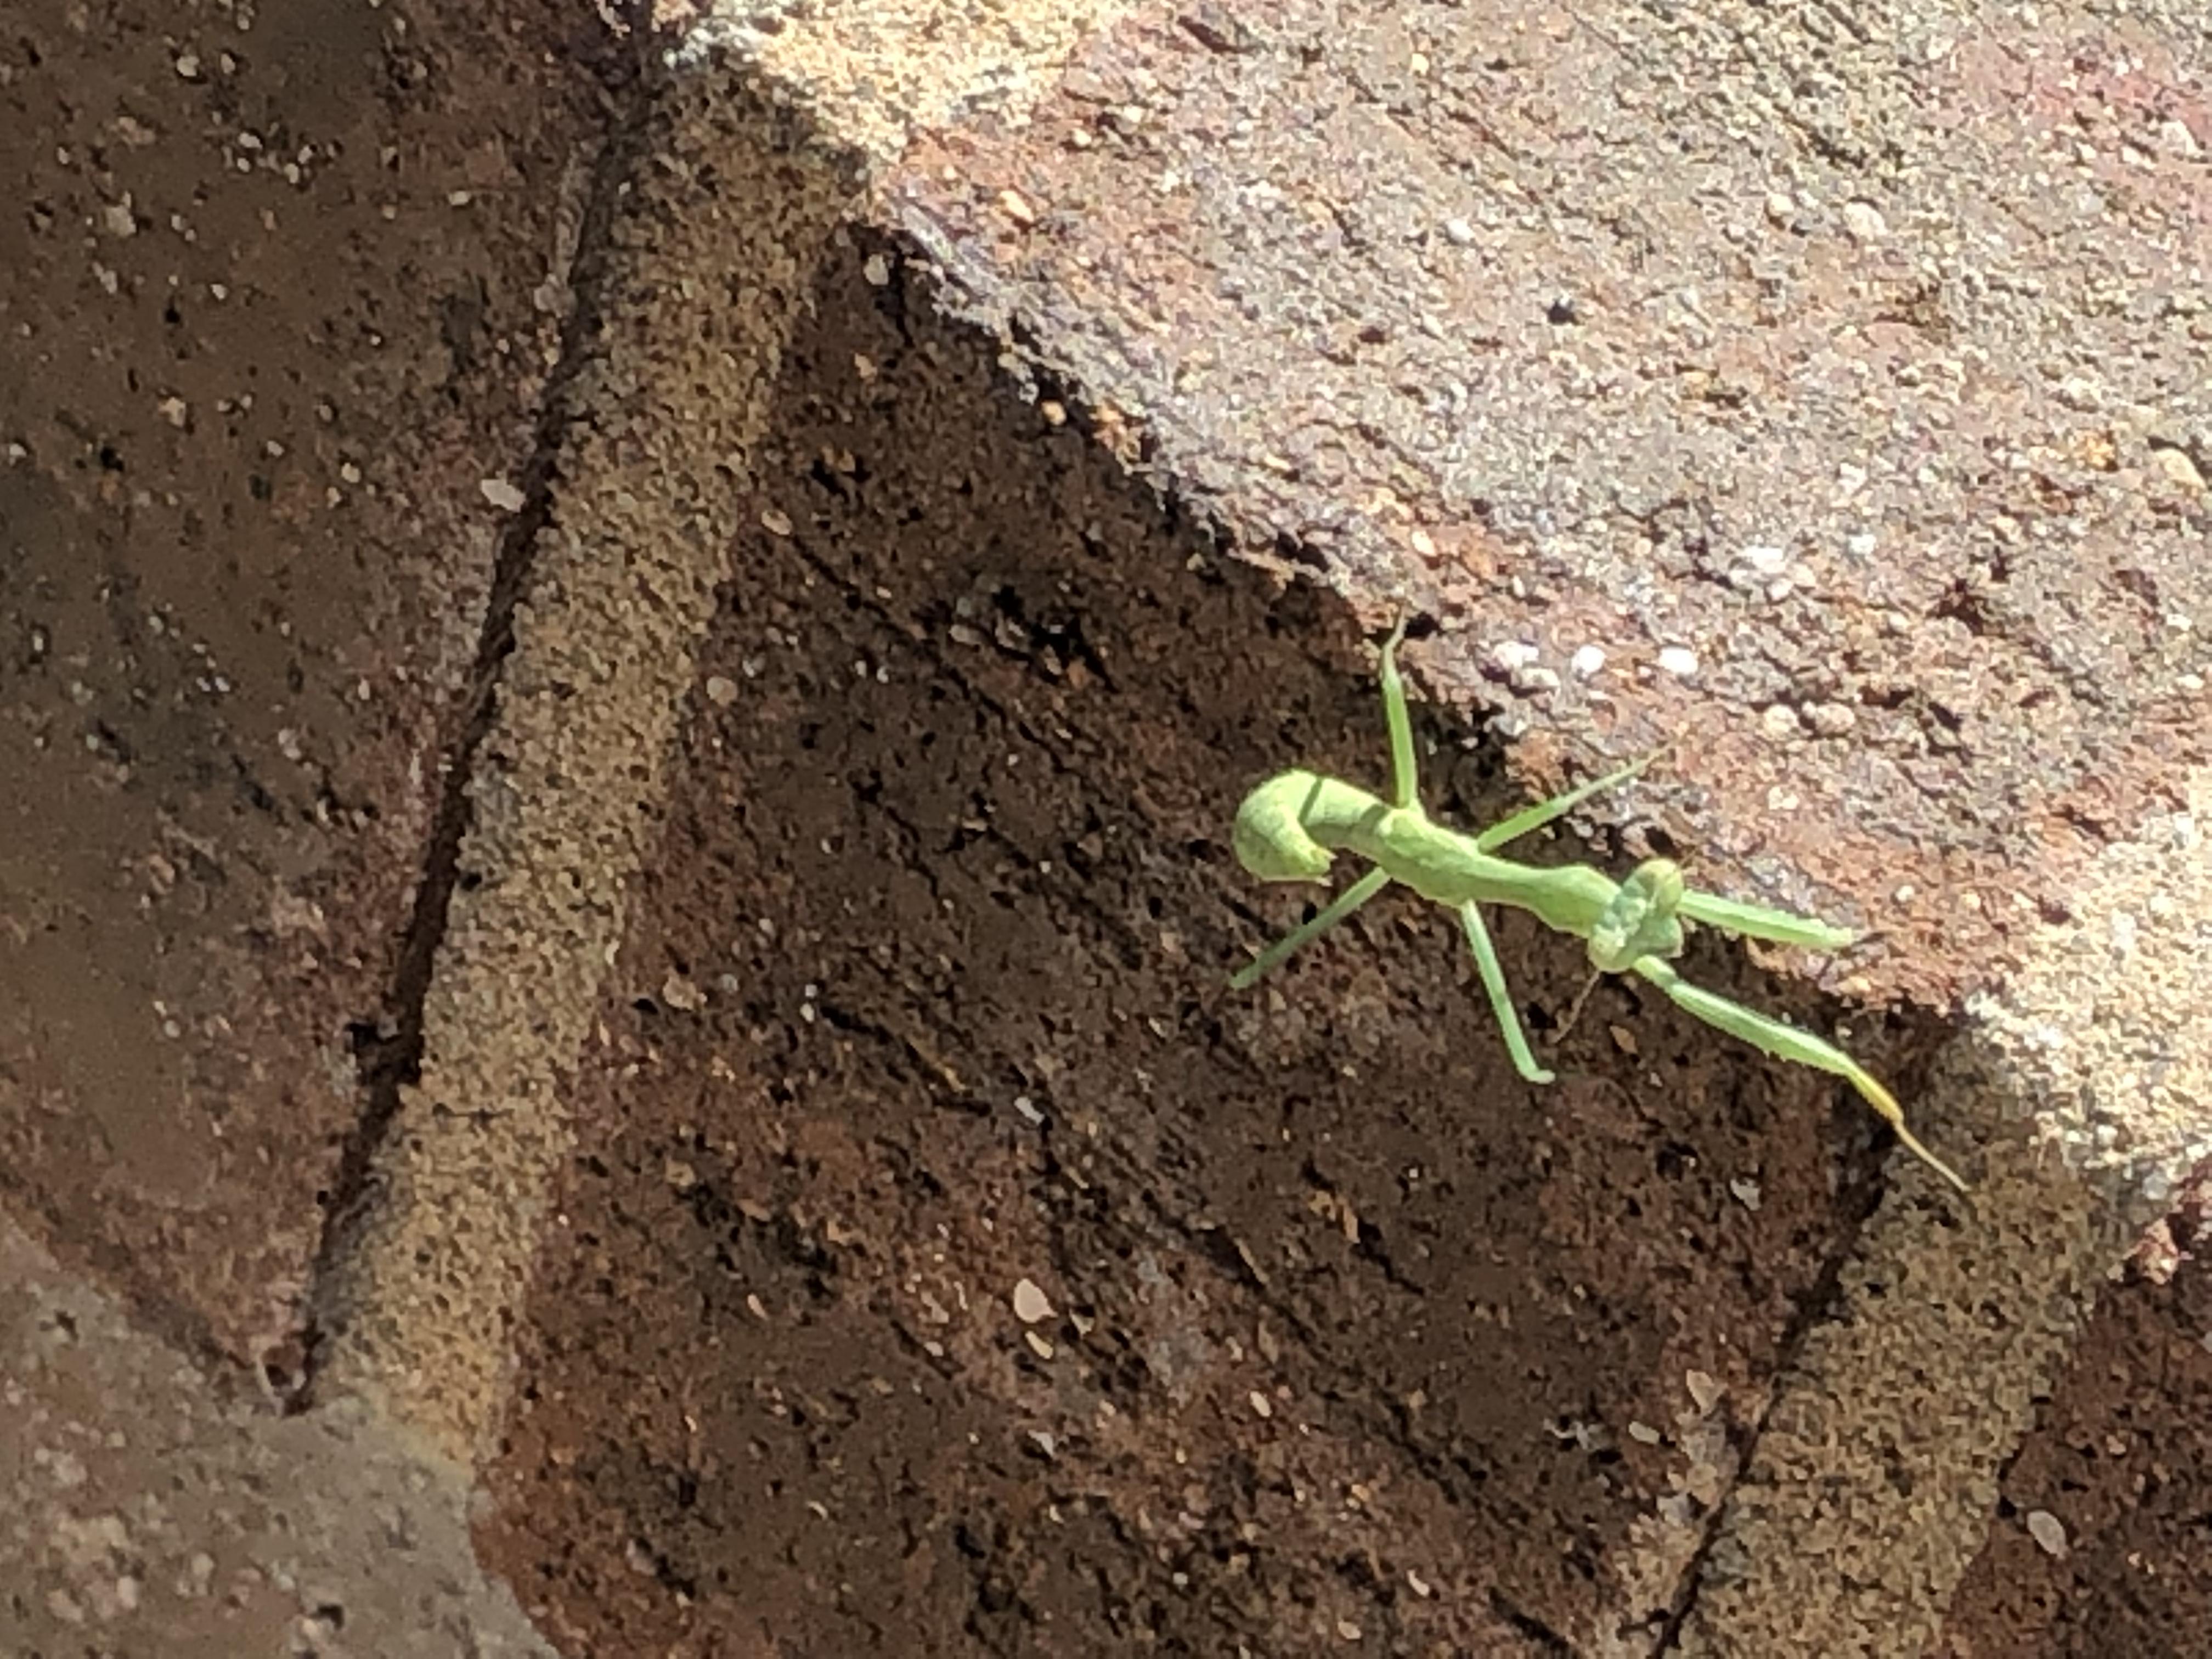 praying mantis looking at the camera